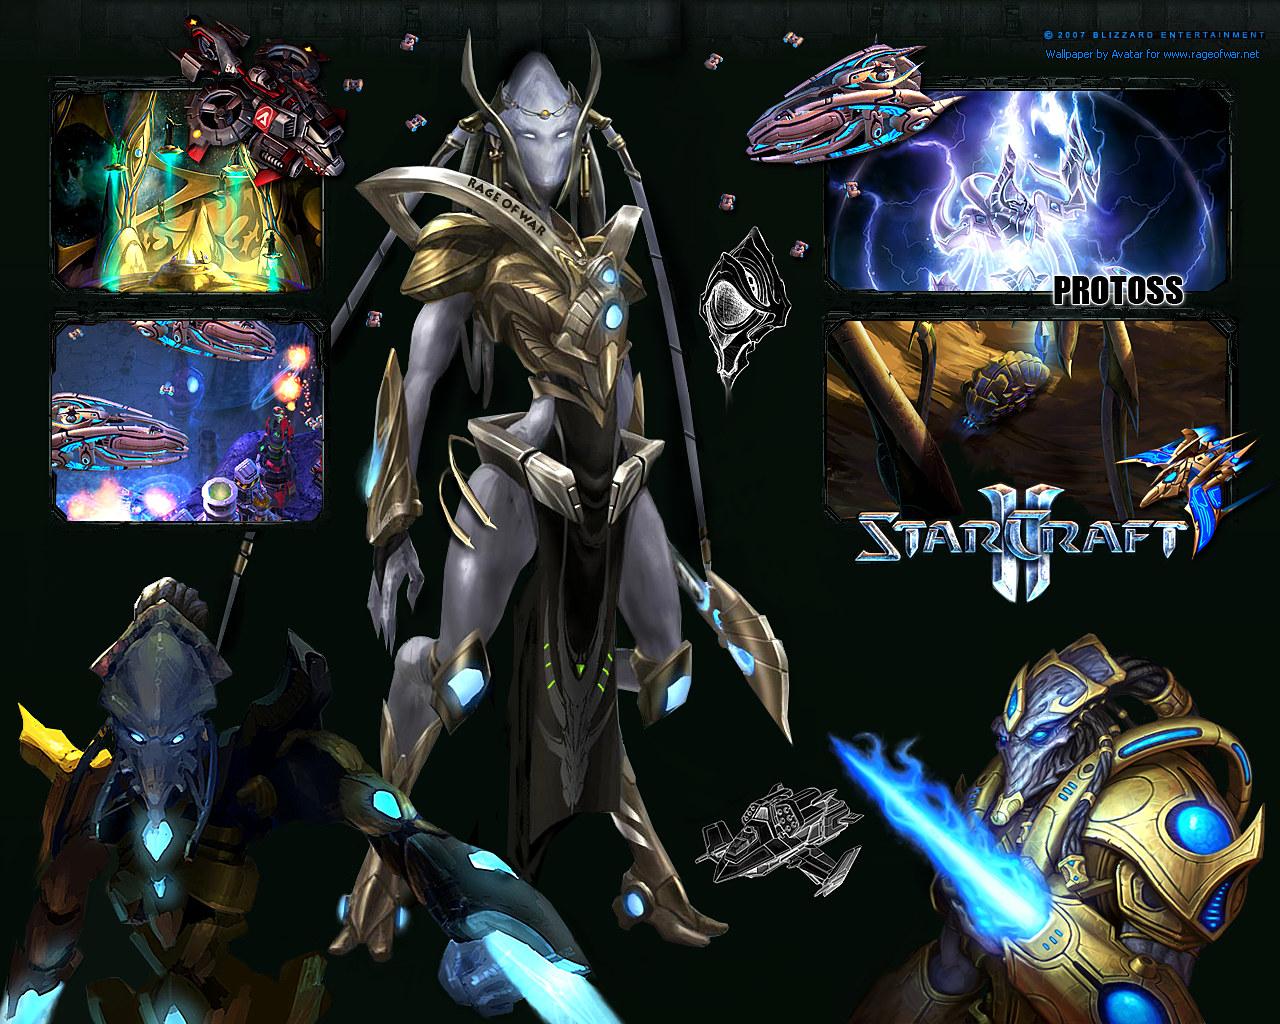 starcraft-2-wallpaper